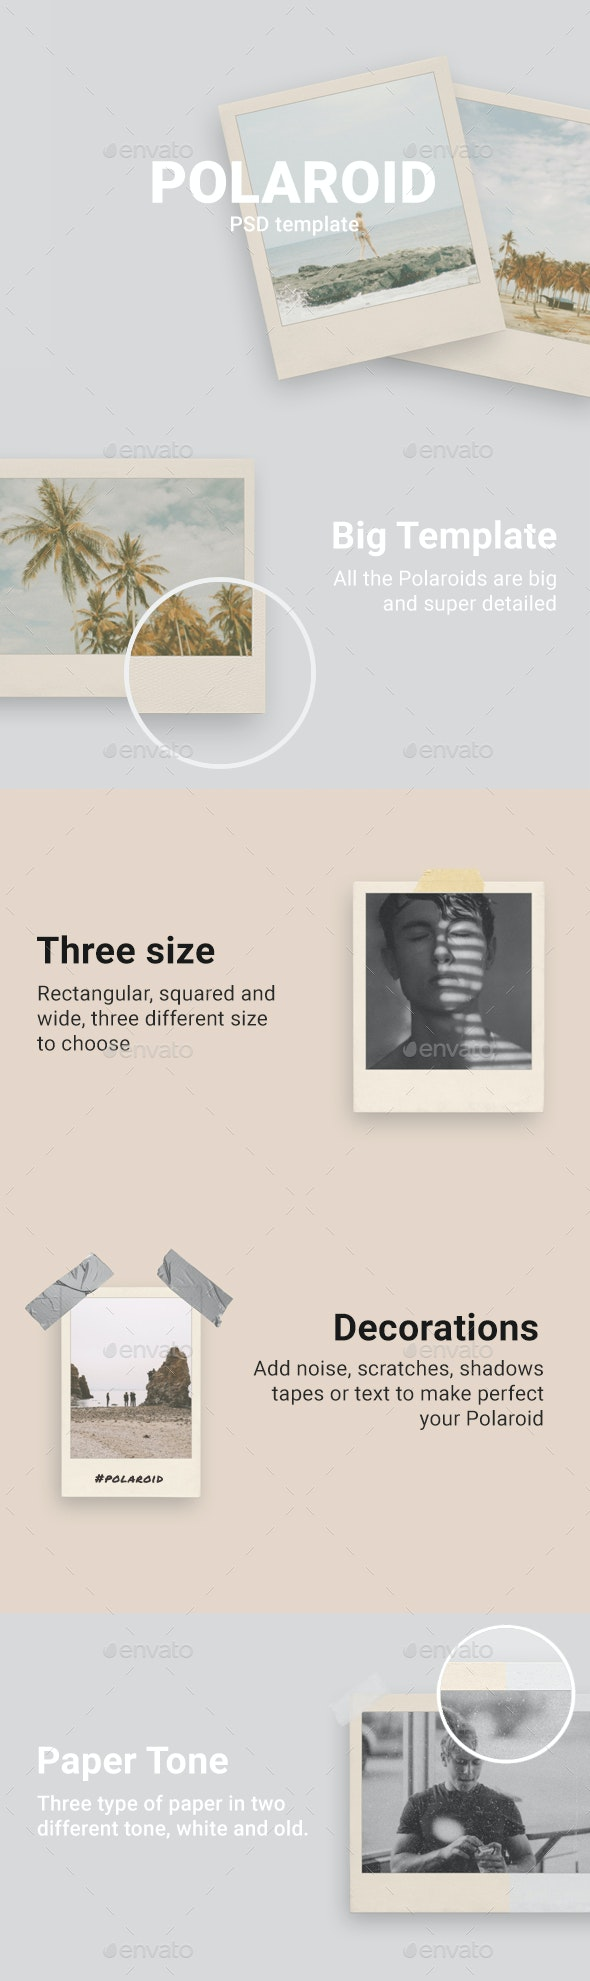 Polaroid Template - Miscellaneous Photo Templates